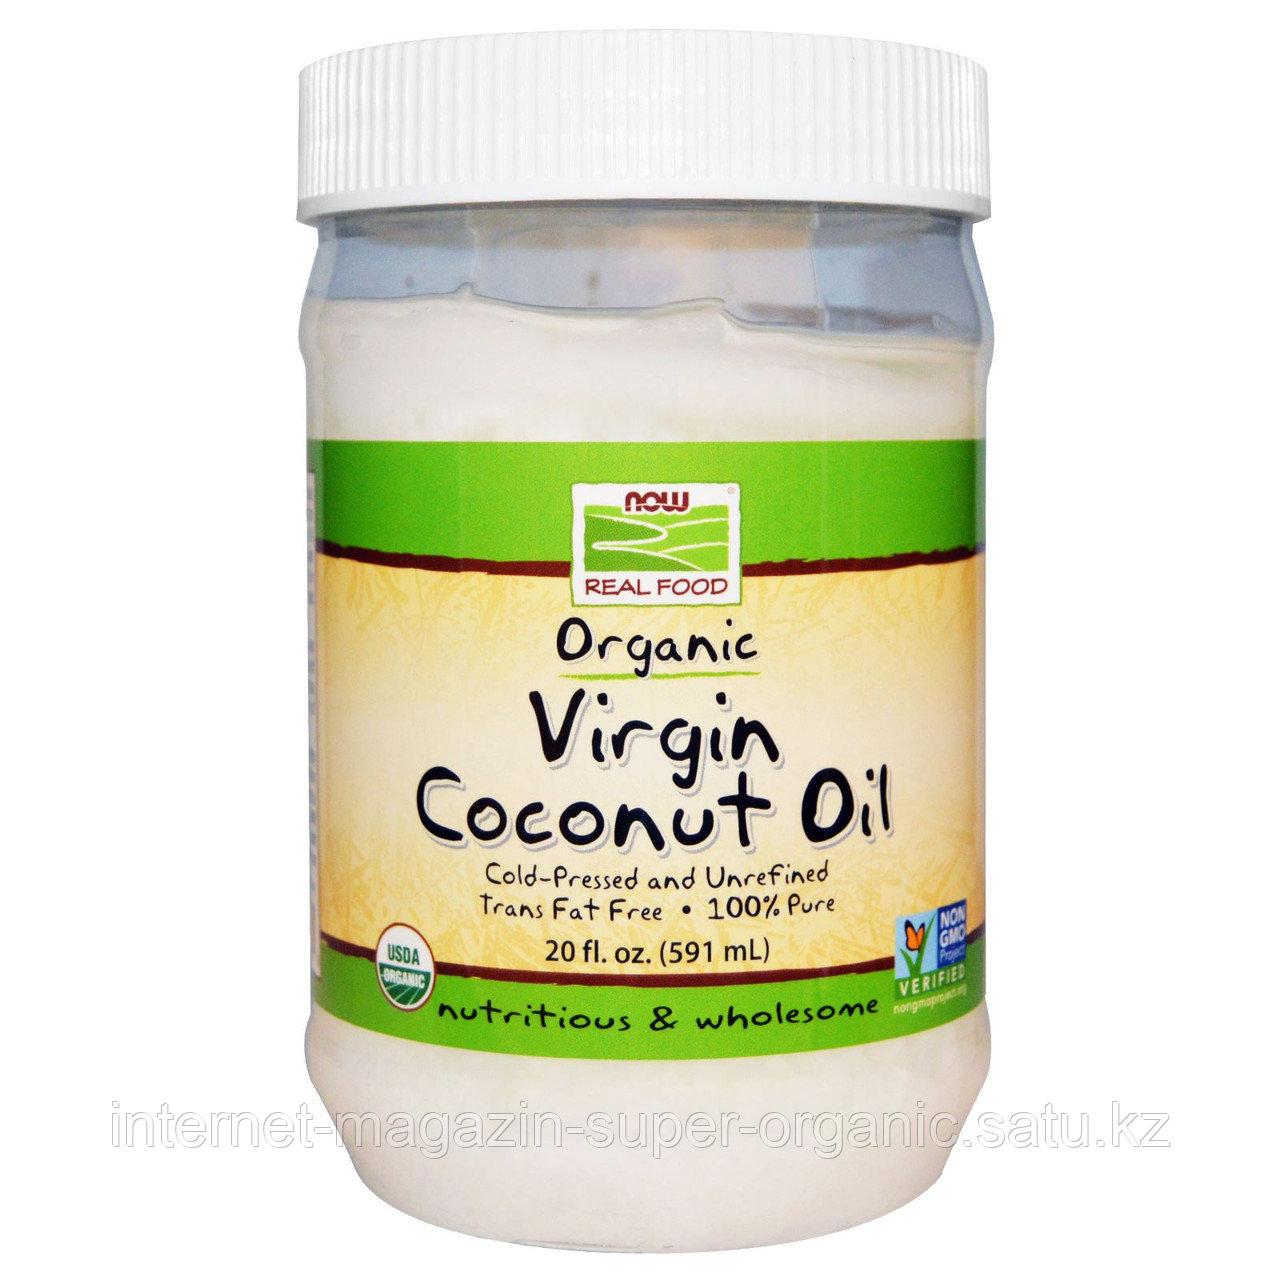 Кокосовое масло органическое первого холодного отжима нерафинированное, 591 мл